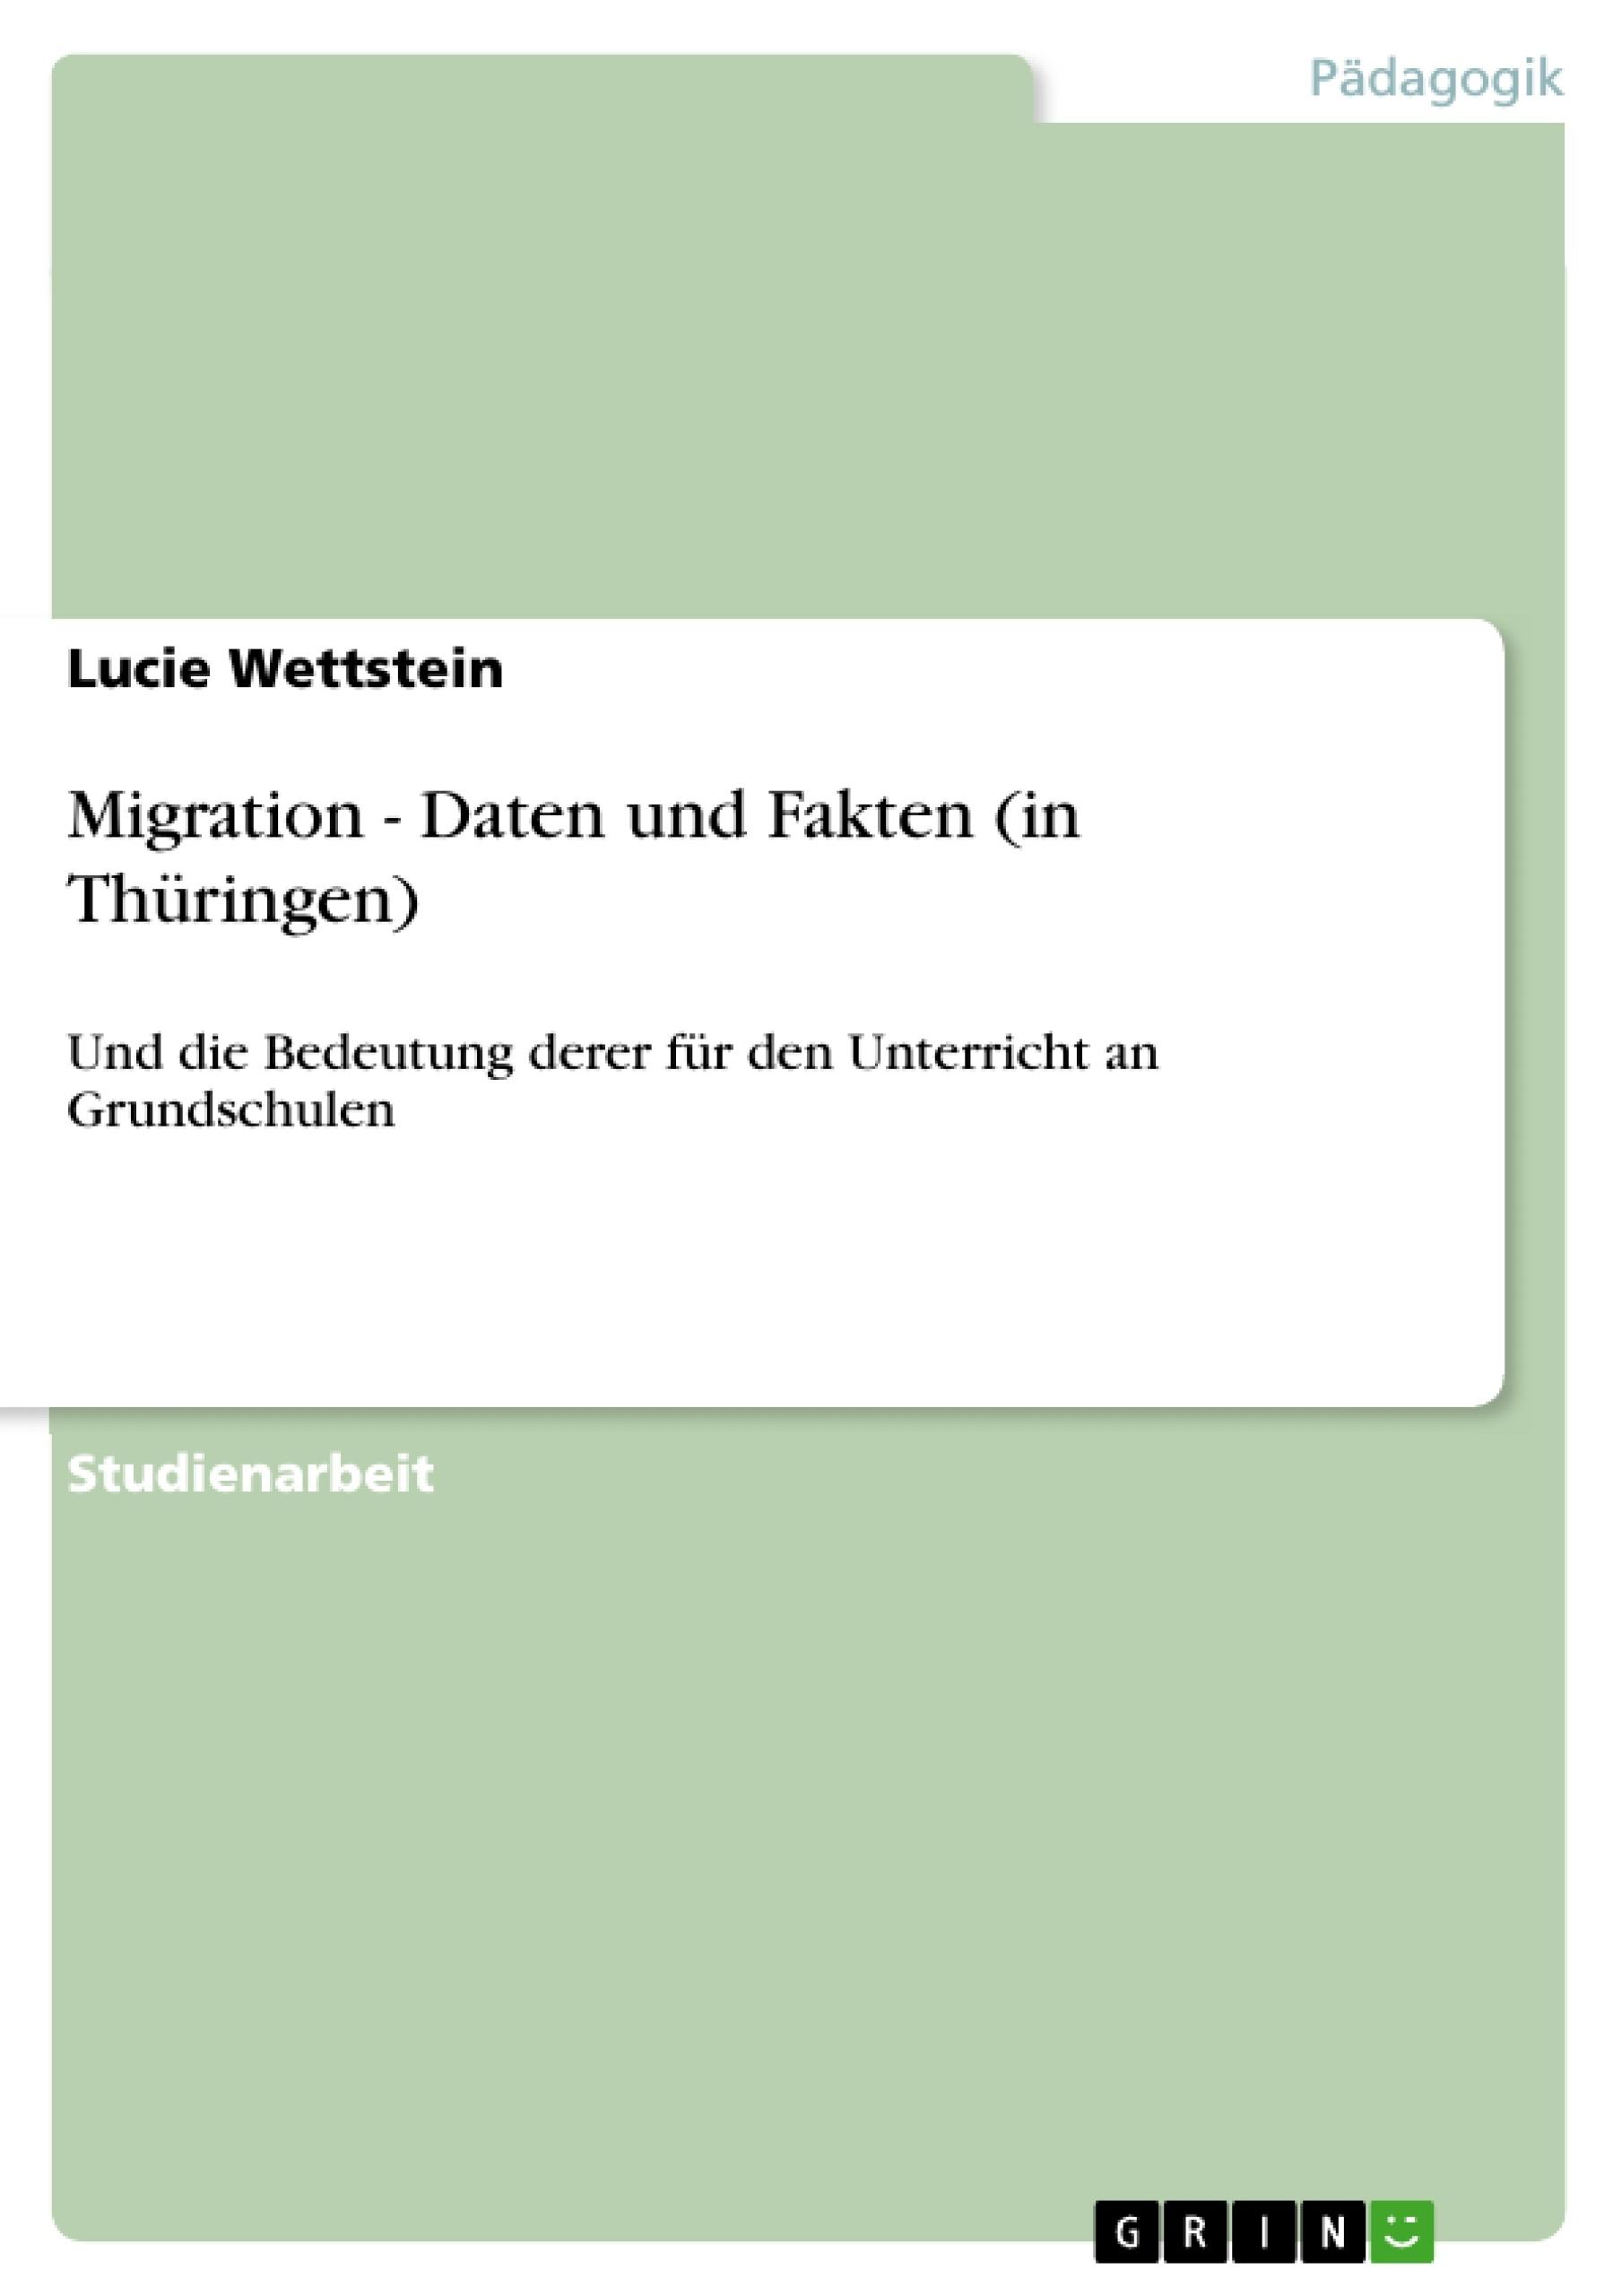 Titel: Migration - Daten und Fakten (in Thüringen)